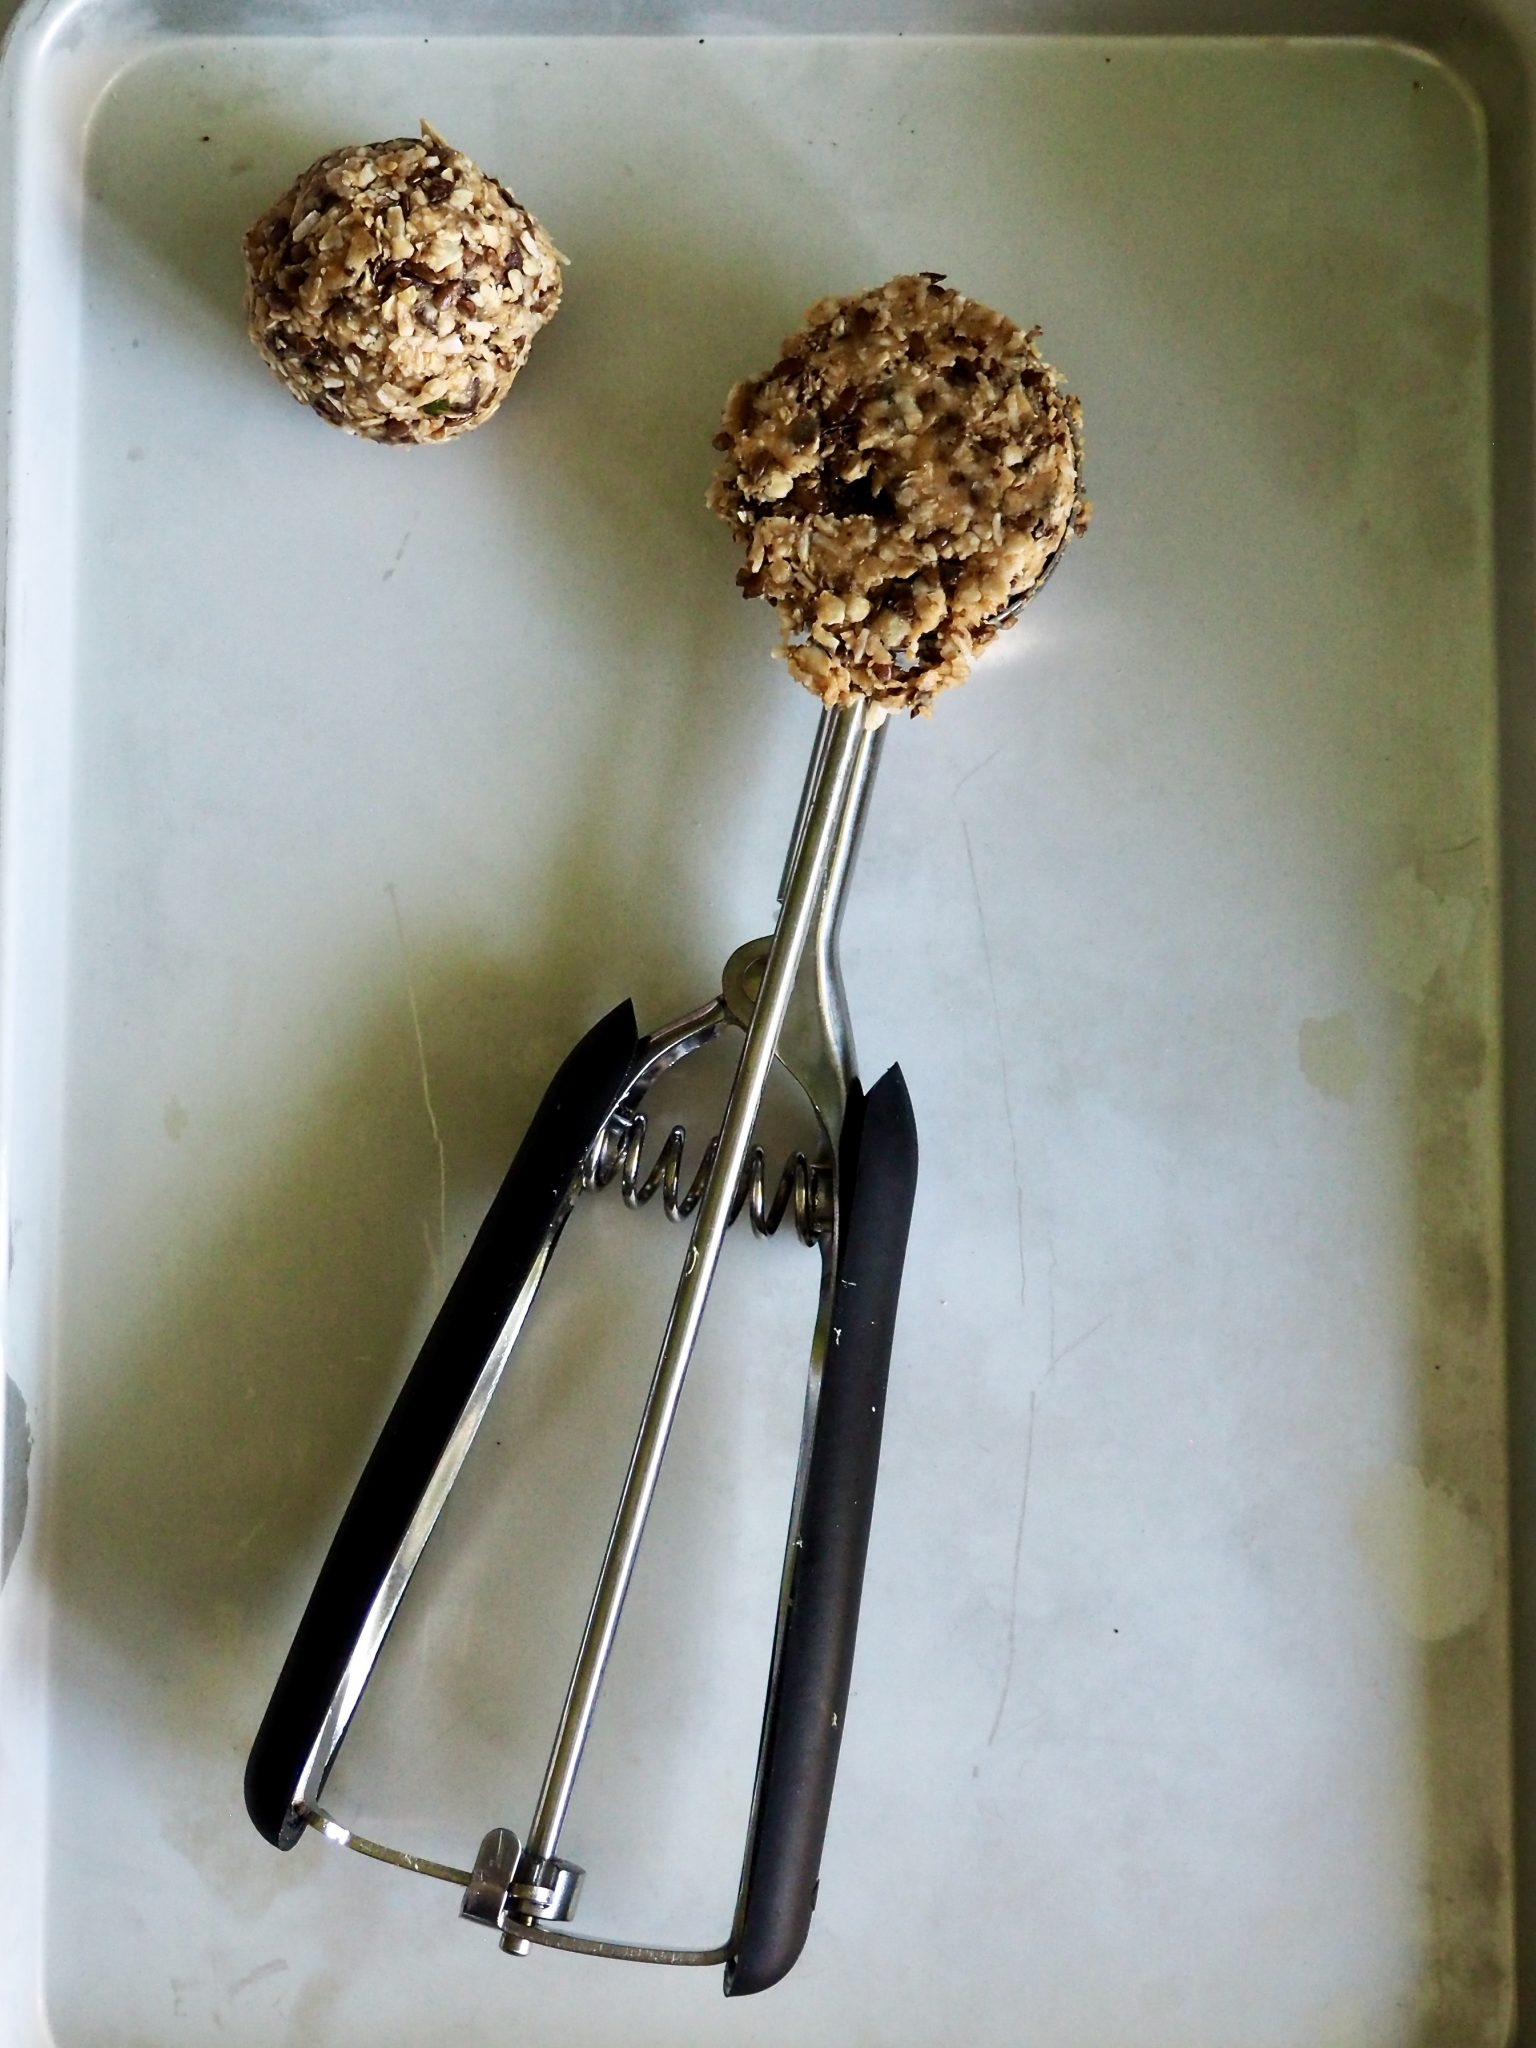 Energikuler med kokos og sjokolade - naturlig søtet